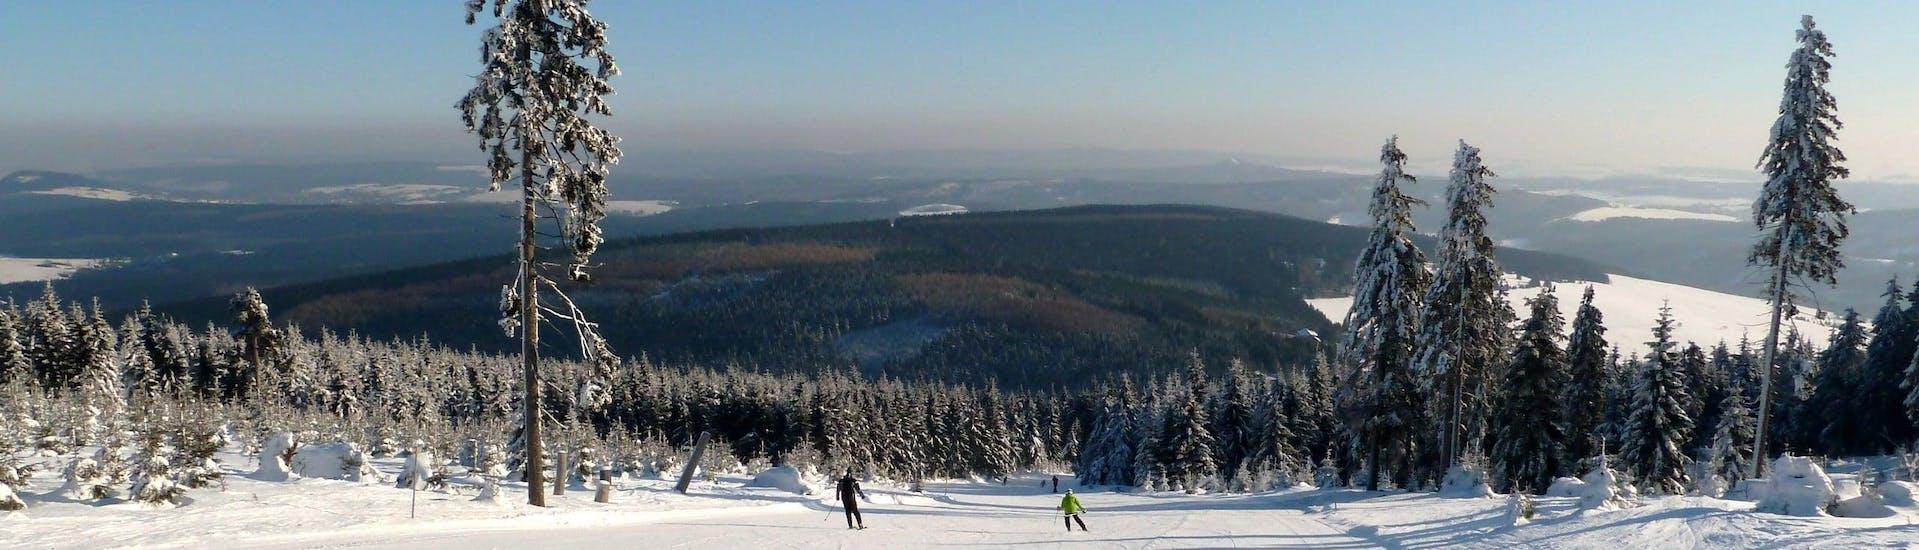 Vue sur un paysage de montagne ensoleillé lors d'un cours de ski avec l'une des écoles de ski à Fichtelberg–Oberwiesenthal.